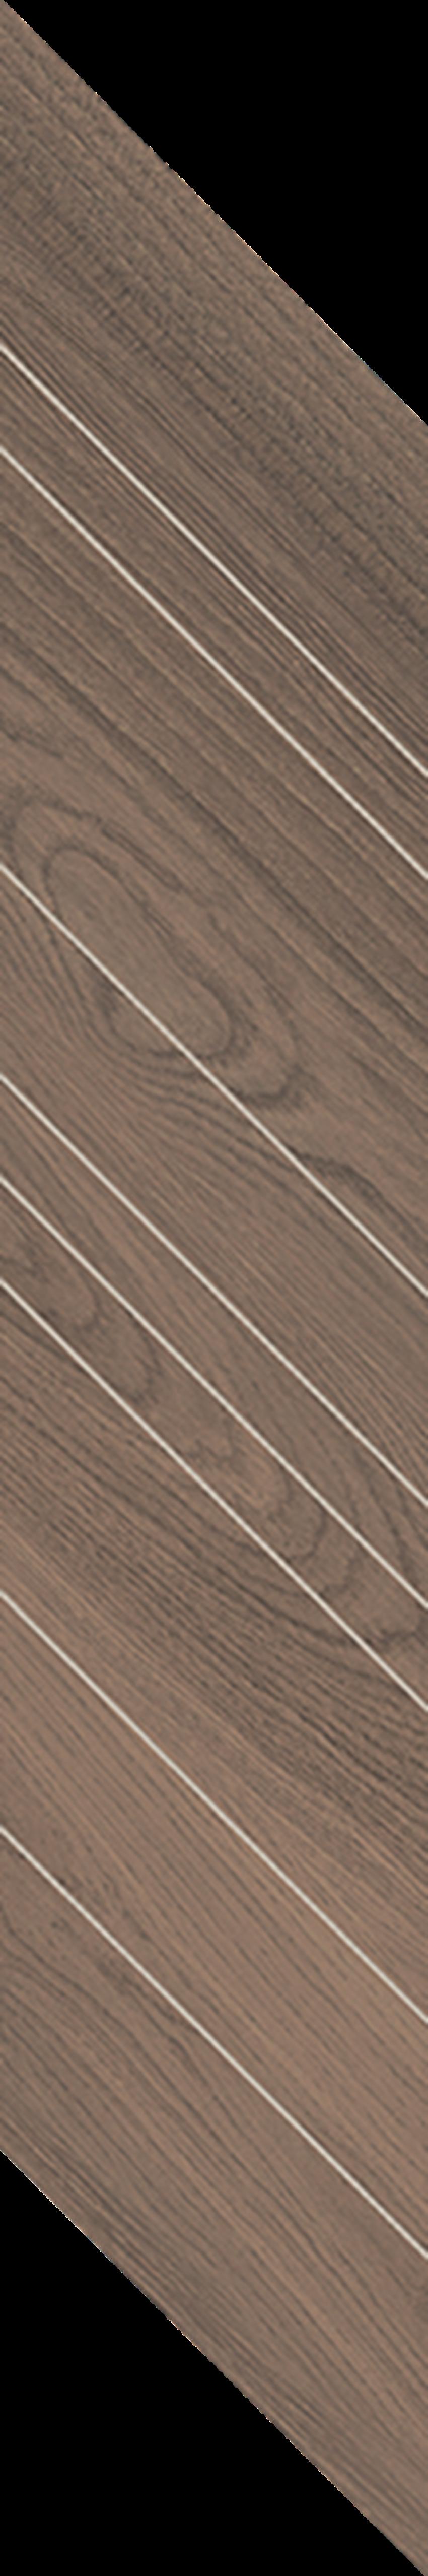 Płytka dekoracyjna 14,8x88,8 cm Paradyż Wildland Dark Dekor Chevron Lewy